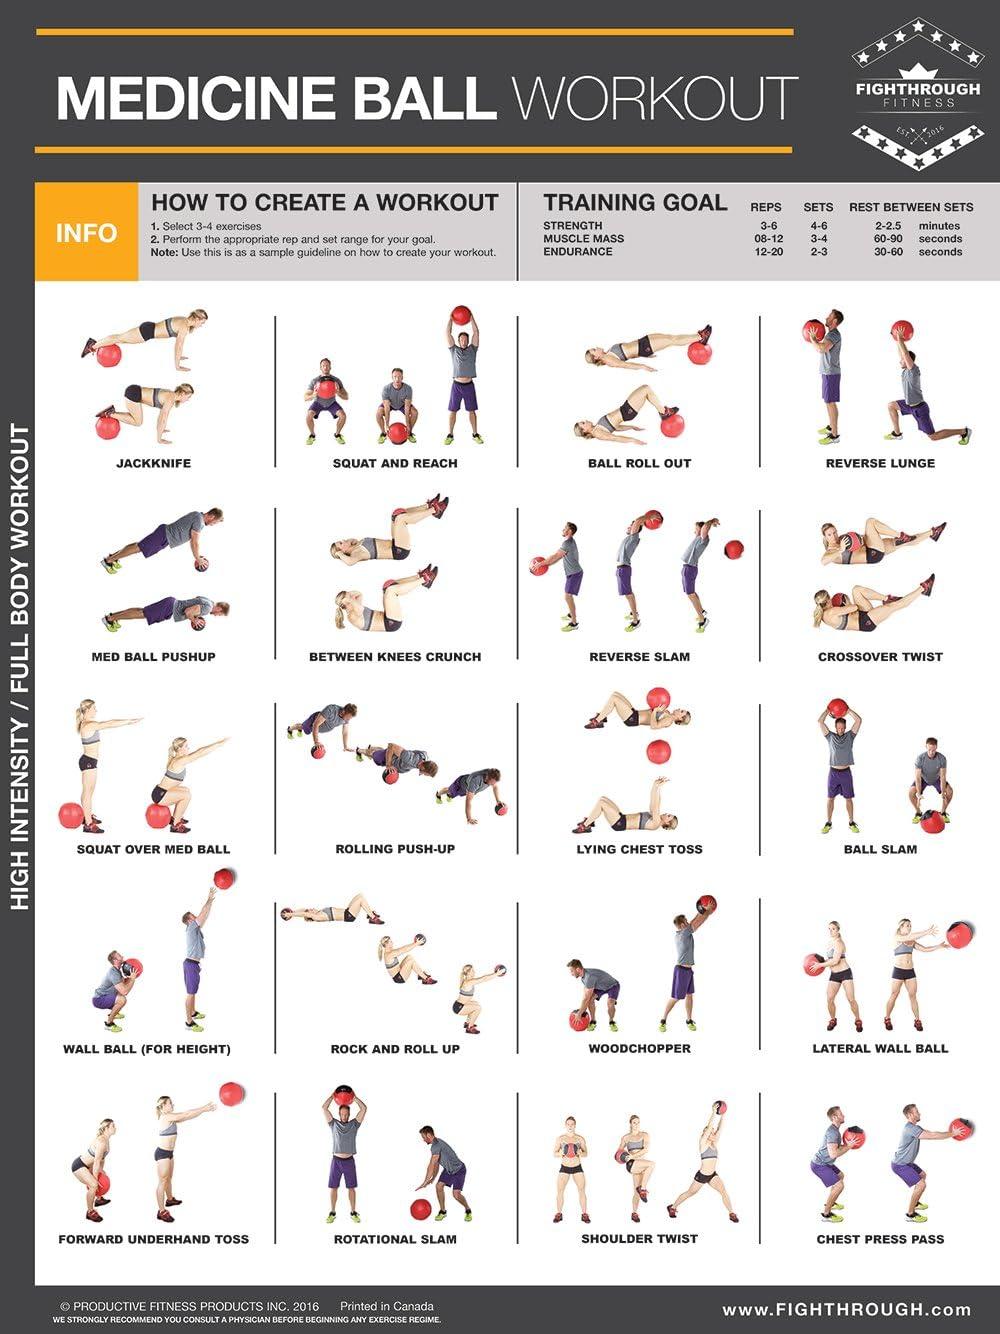 Medecine Ball Haute Intensite Entrainement Affiche Plastifiee Chart Ft De Solidite Et De Cardio Training Core Coffre Pieds Epaules Et Du Dos Votre Guide To